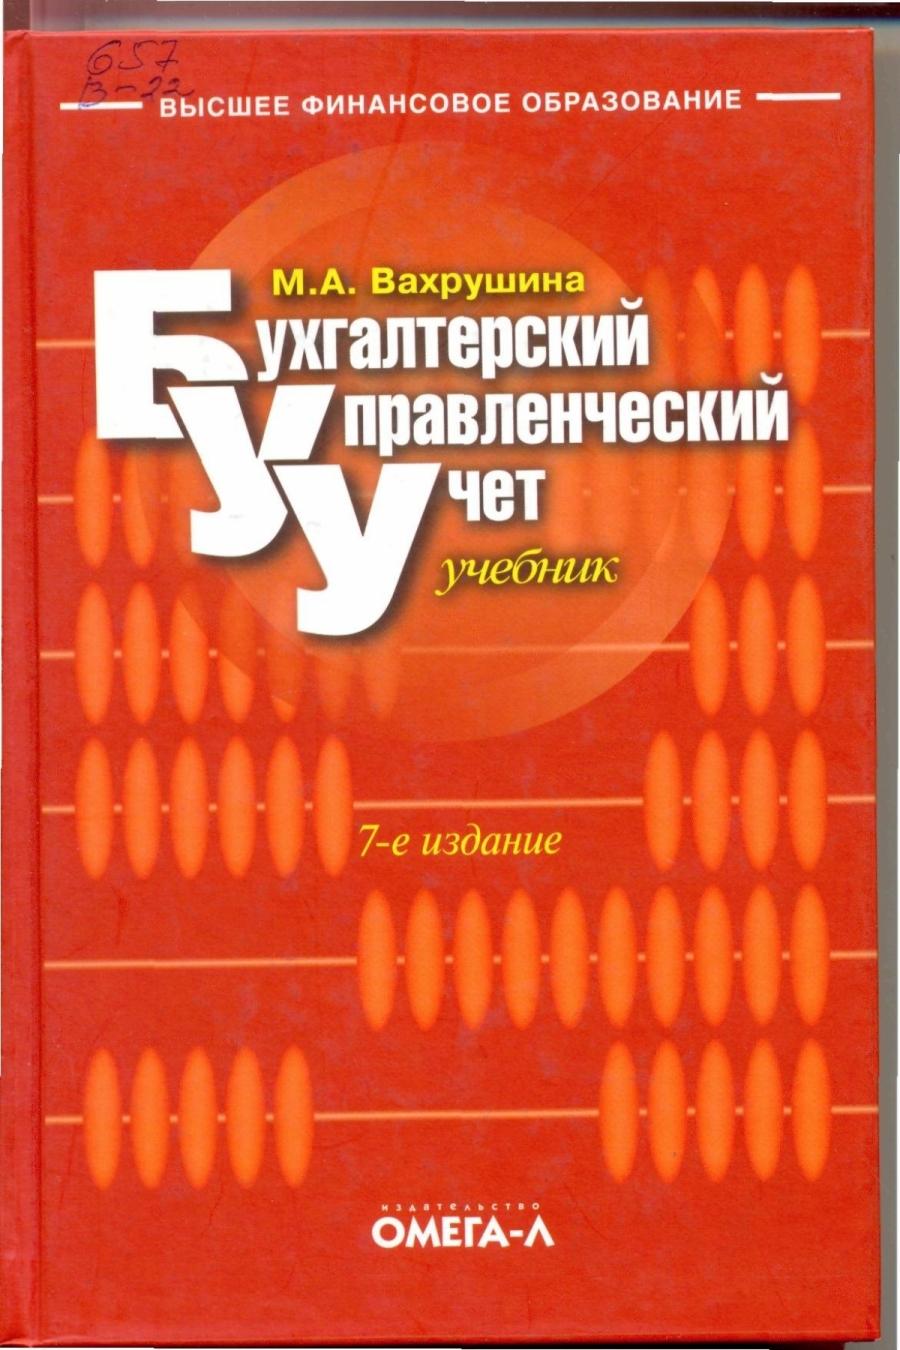 Обложка книги:  вахрушина м.а. - бухгалтерский управленческий учет